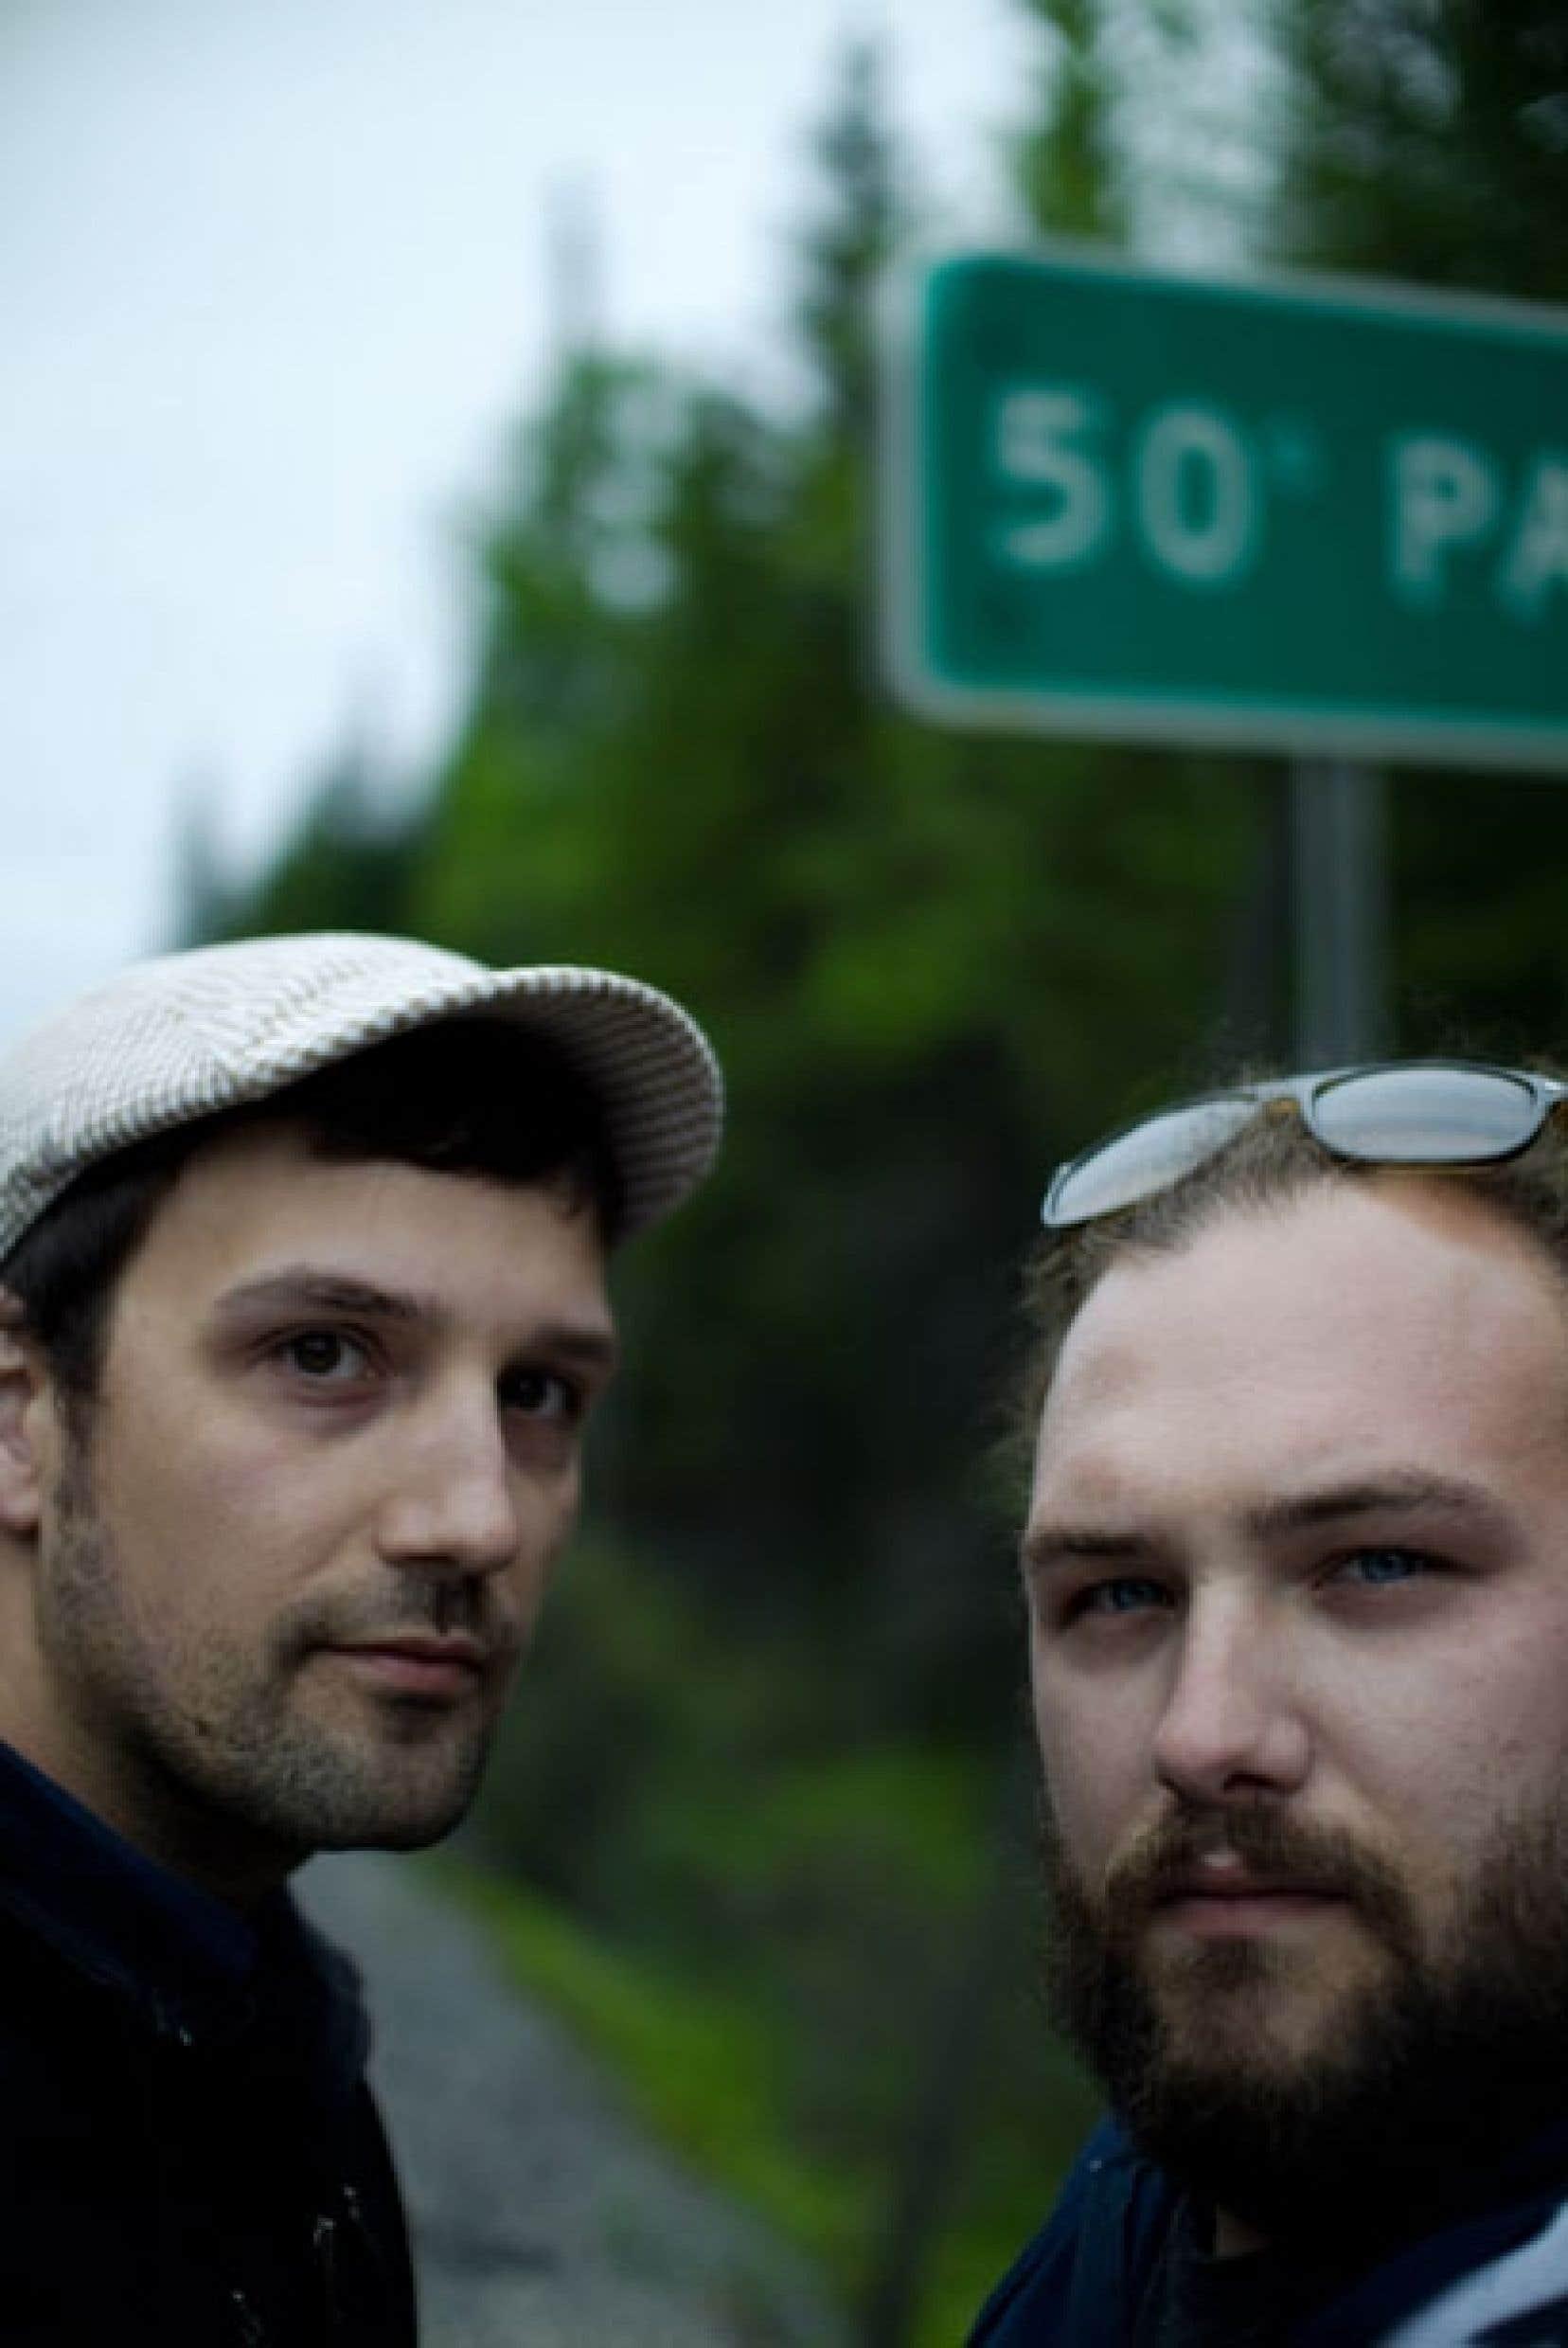 Jean-Marc E. Roy et Philippe David Gagné savent improviser et tournent en quelques heures. Ensemble, ils comptent quelque 150 productions, en moyenne une douzaine par année.